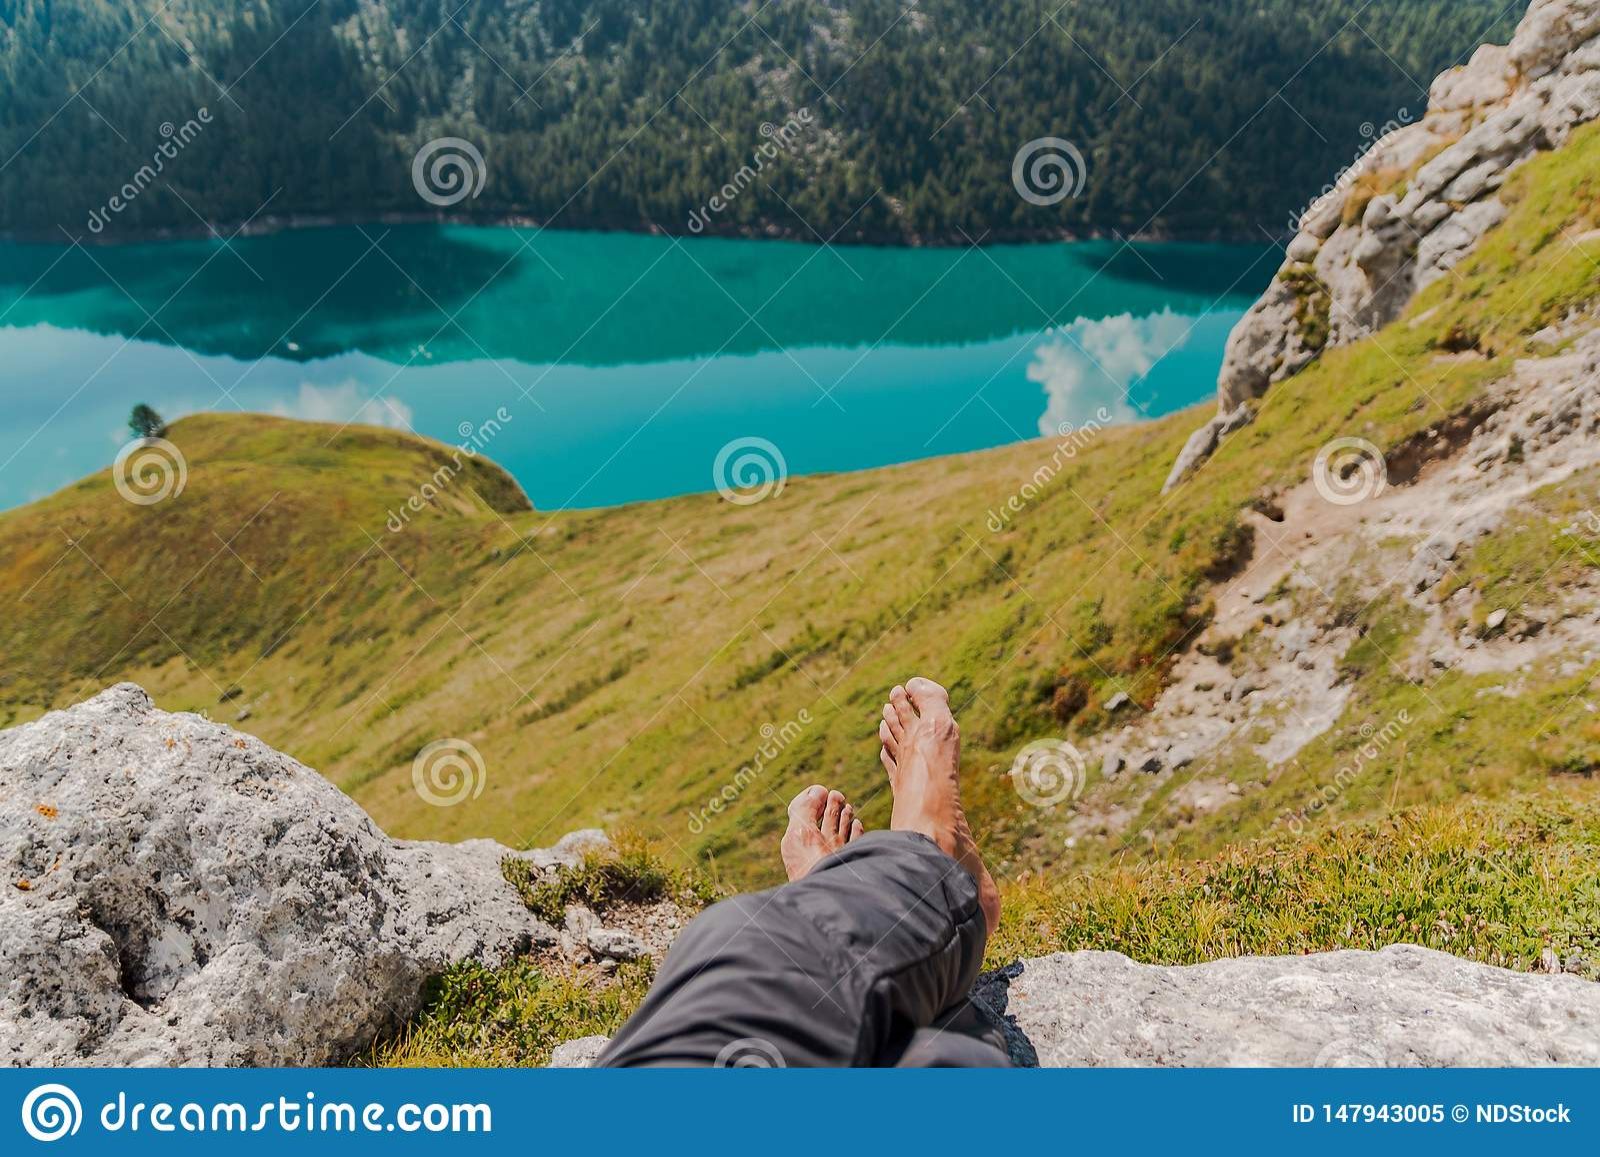 Εικόνα των αρσενικών ποδιών και των ποδιών με τα βουνά και της λίμνης Ritom ως υπόβαθρο